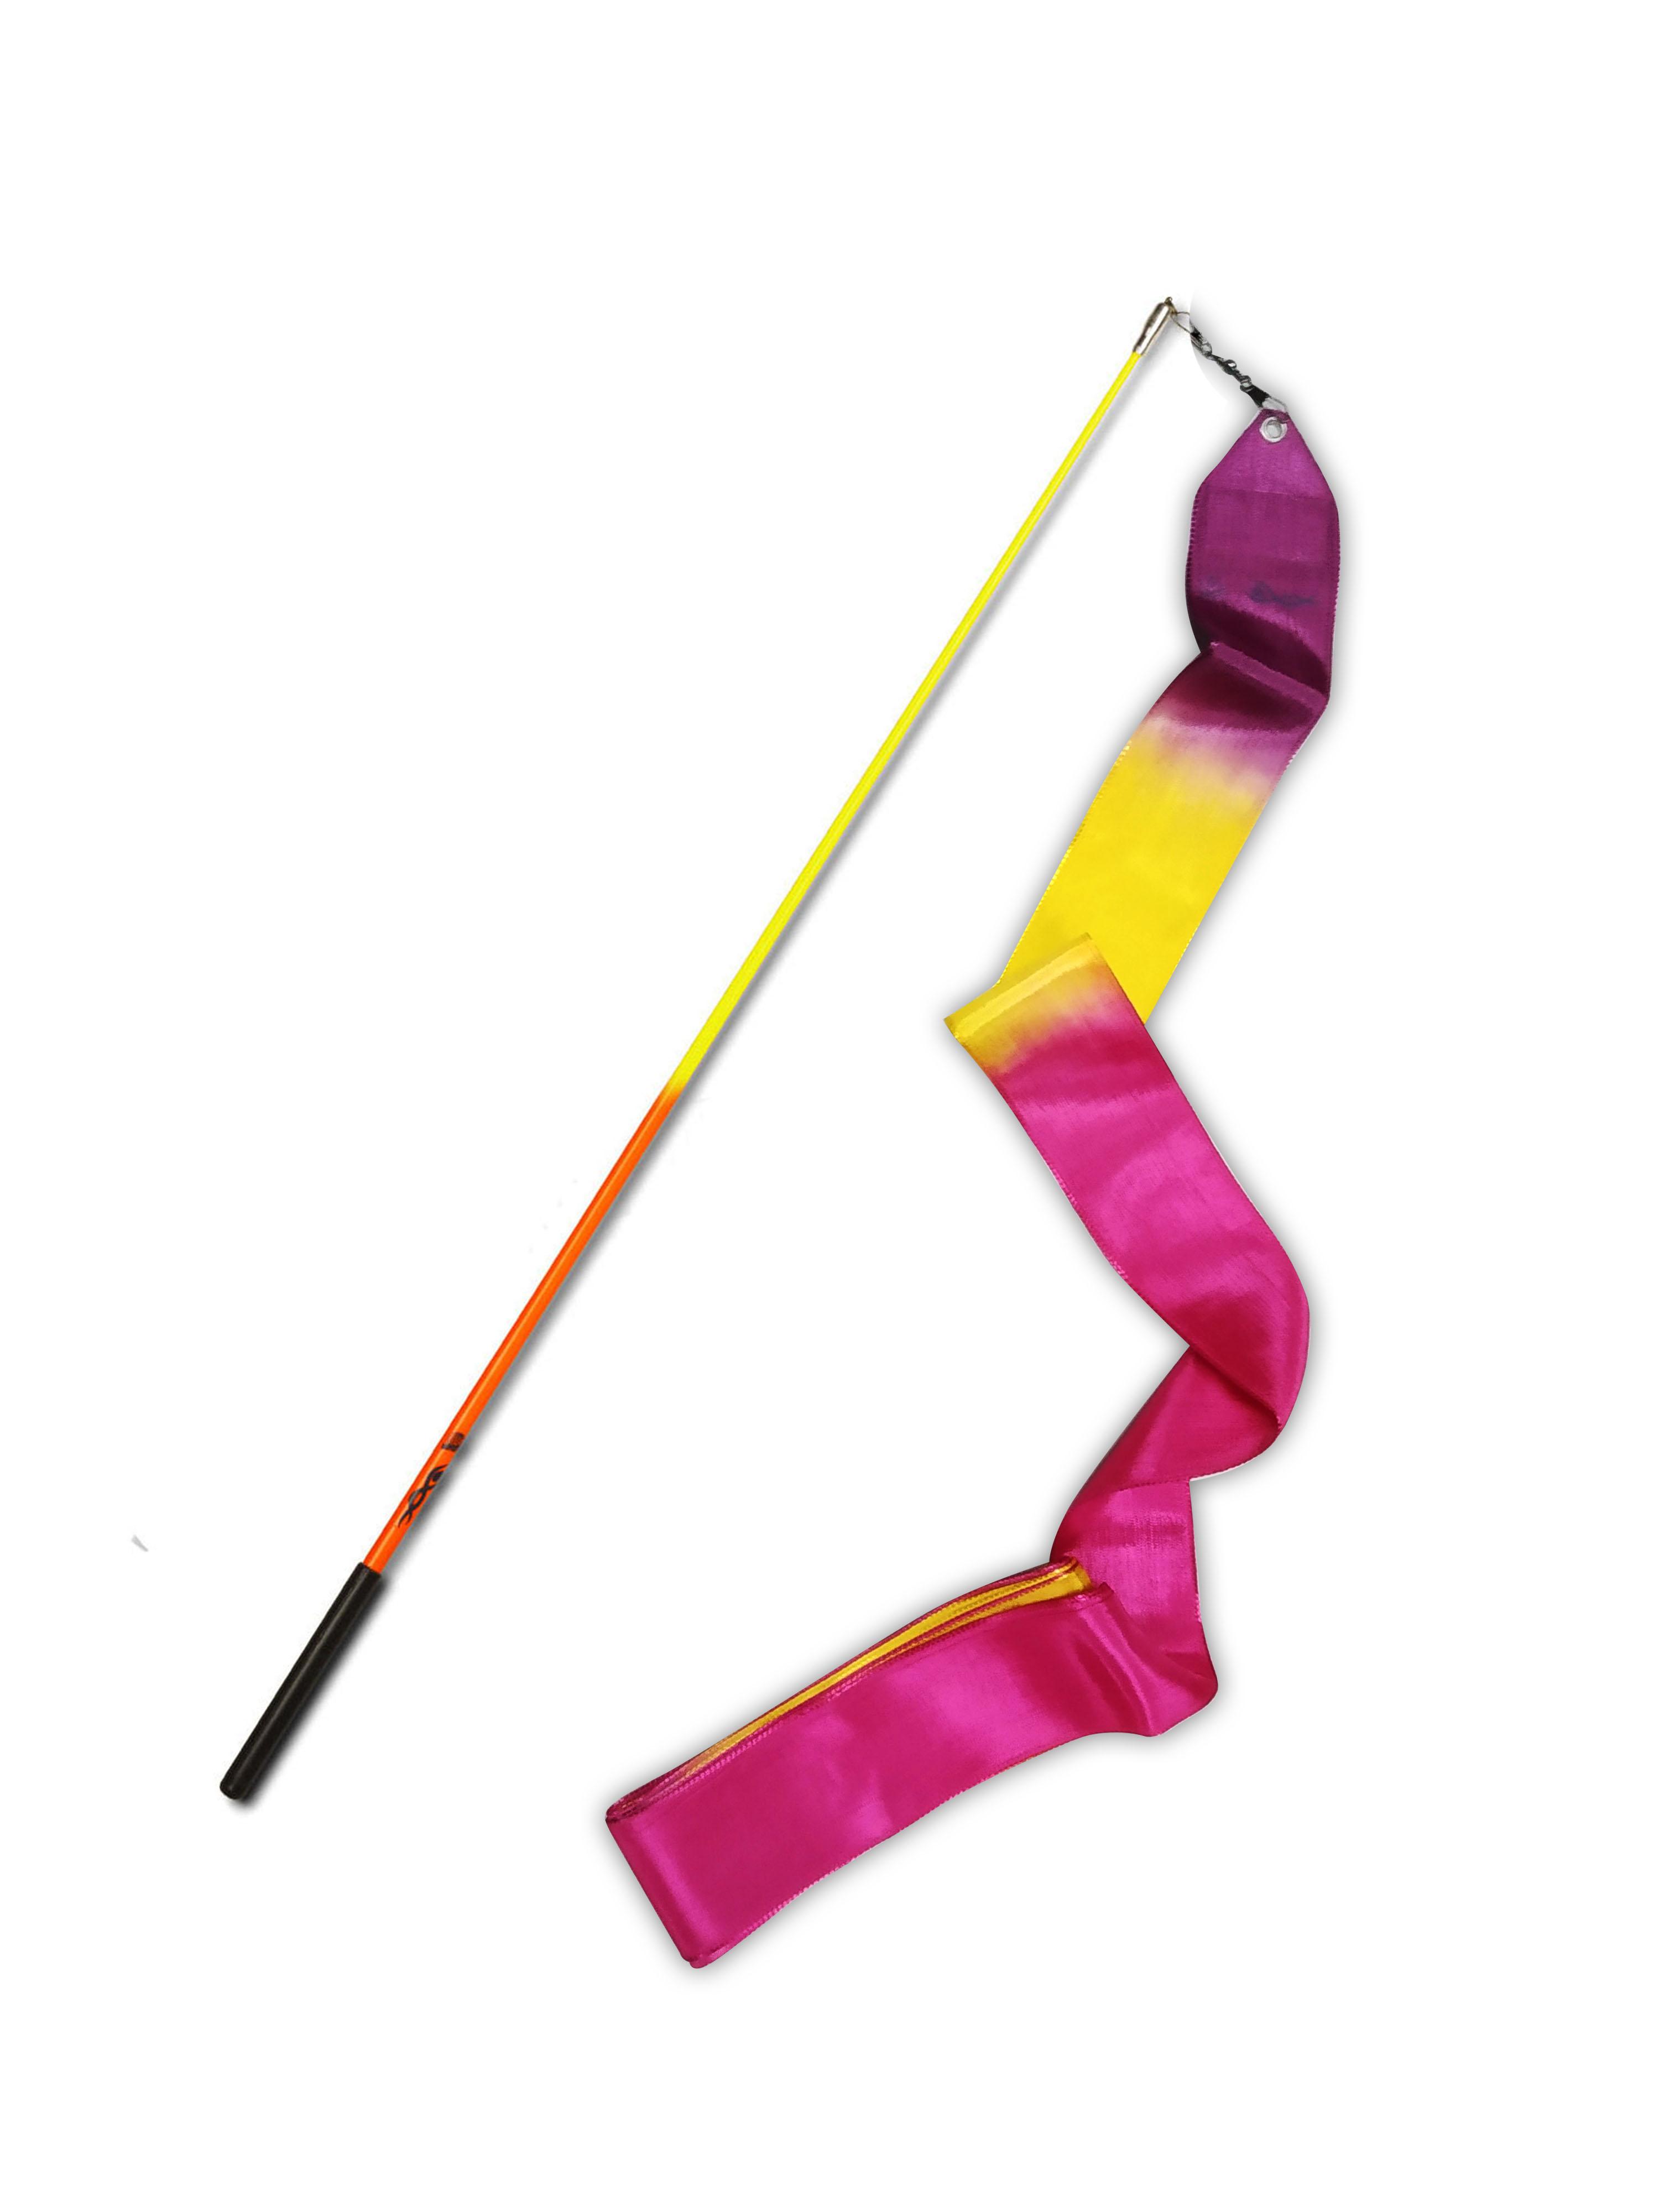 Estilete bicolor con cinta Nastro 06 de gimnasia rítmica (Certificada FIG)